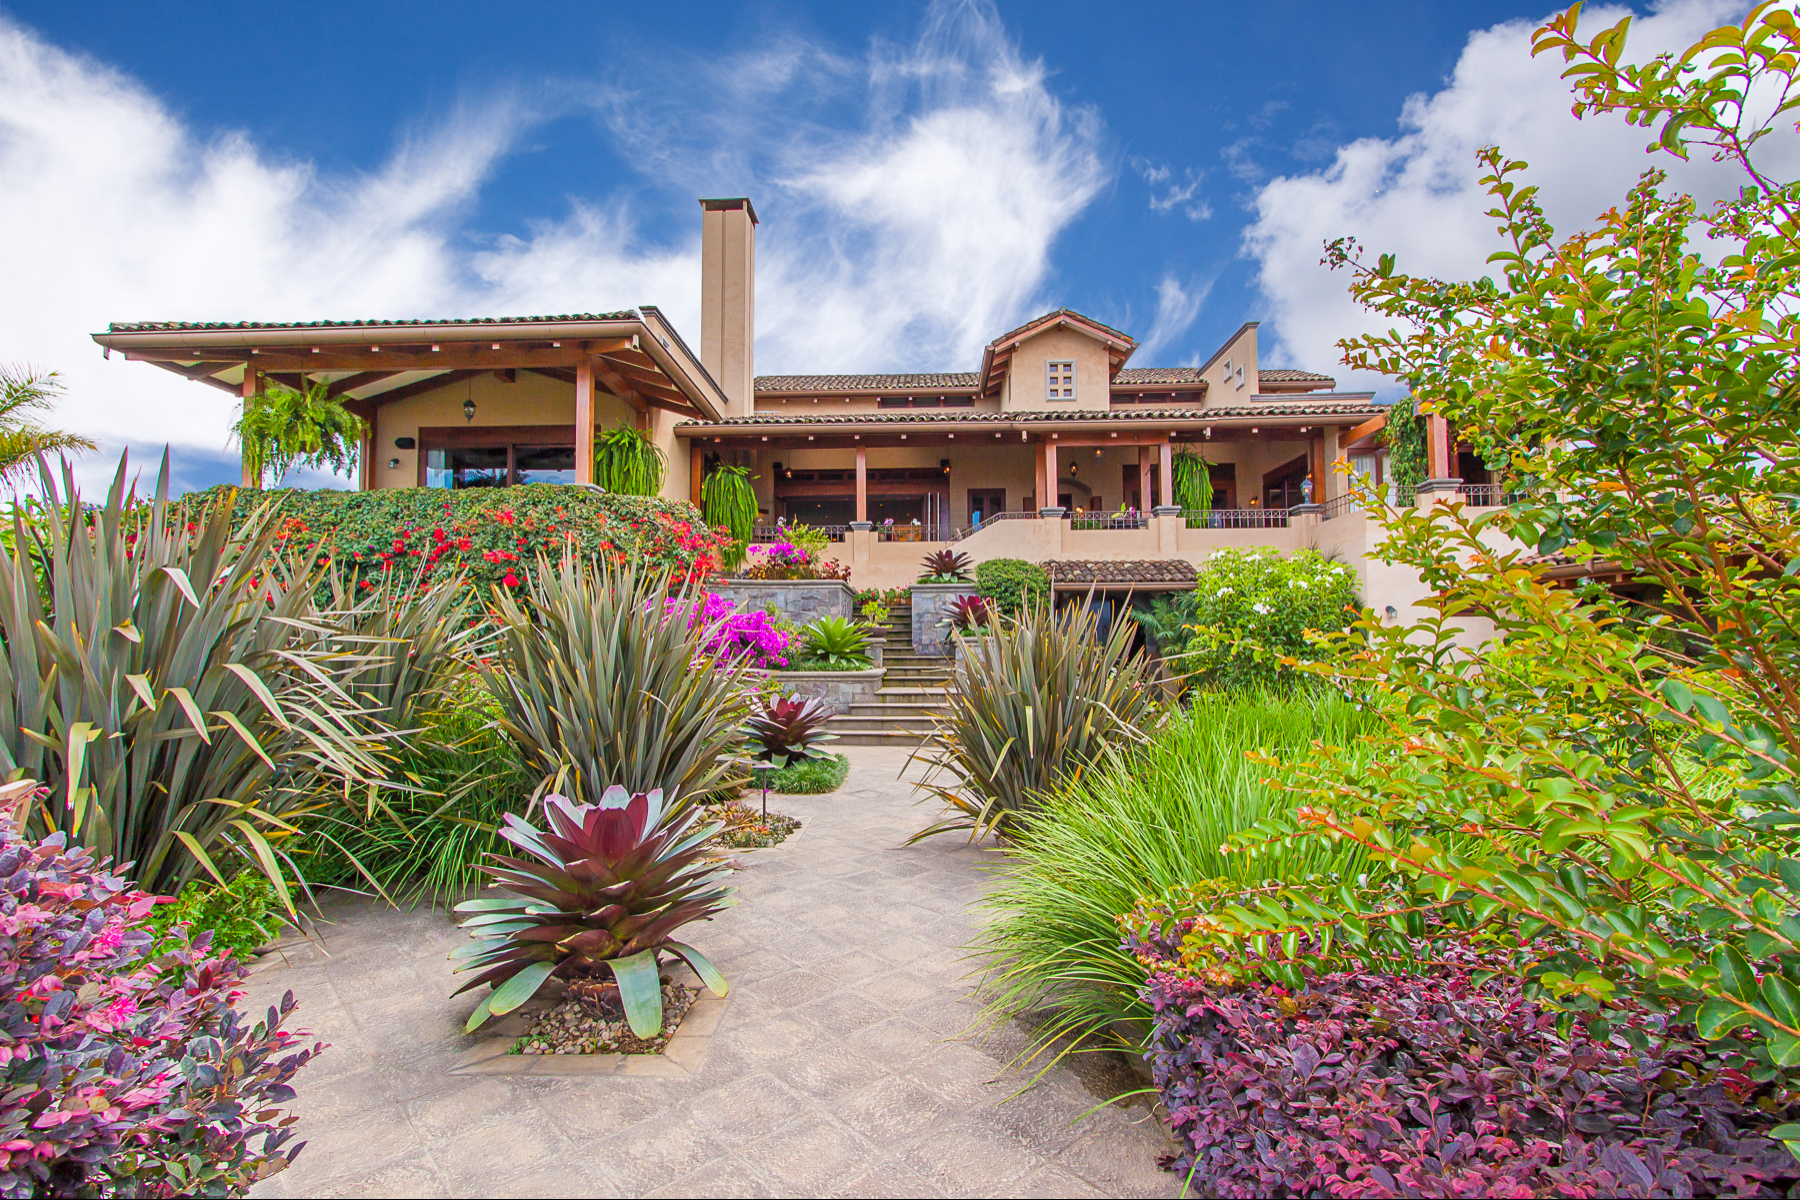 Single Family Home for Sale at Dream Home Bosques de Altamonte Curridabat, San Jose 11802 Costa Rica